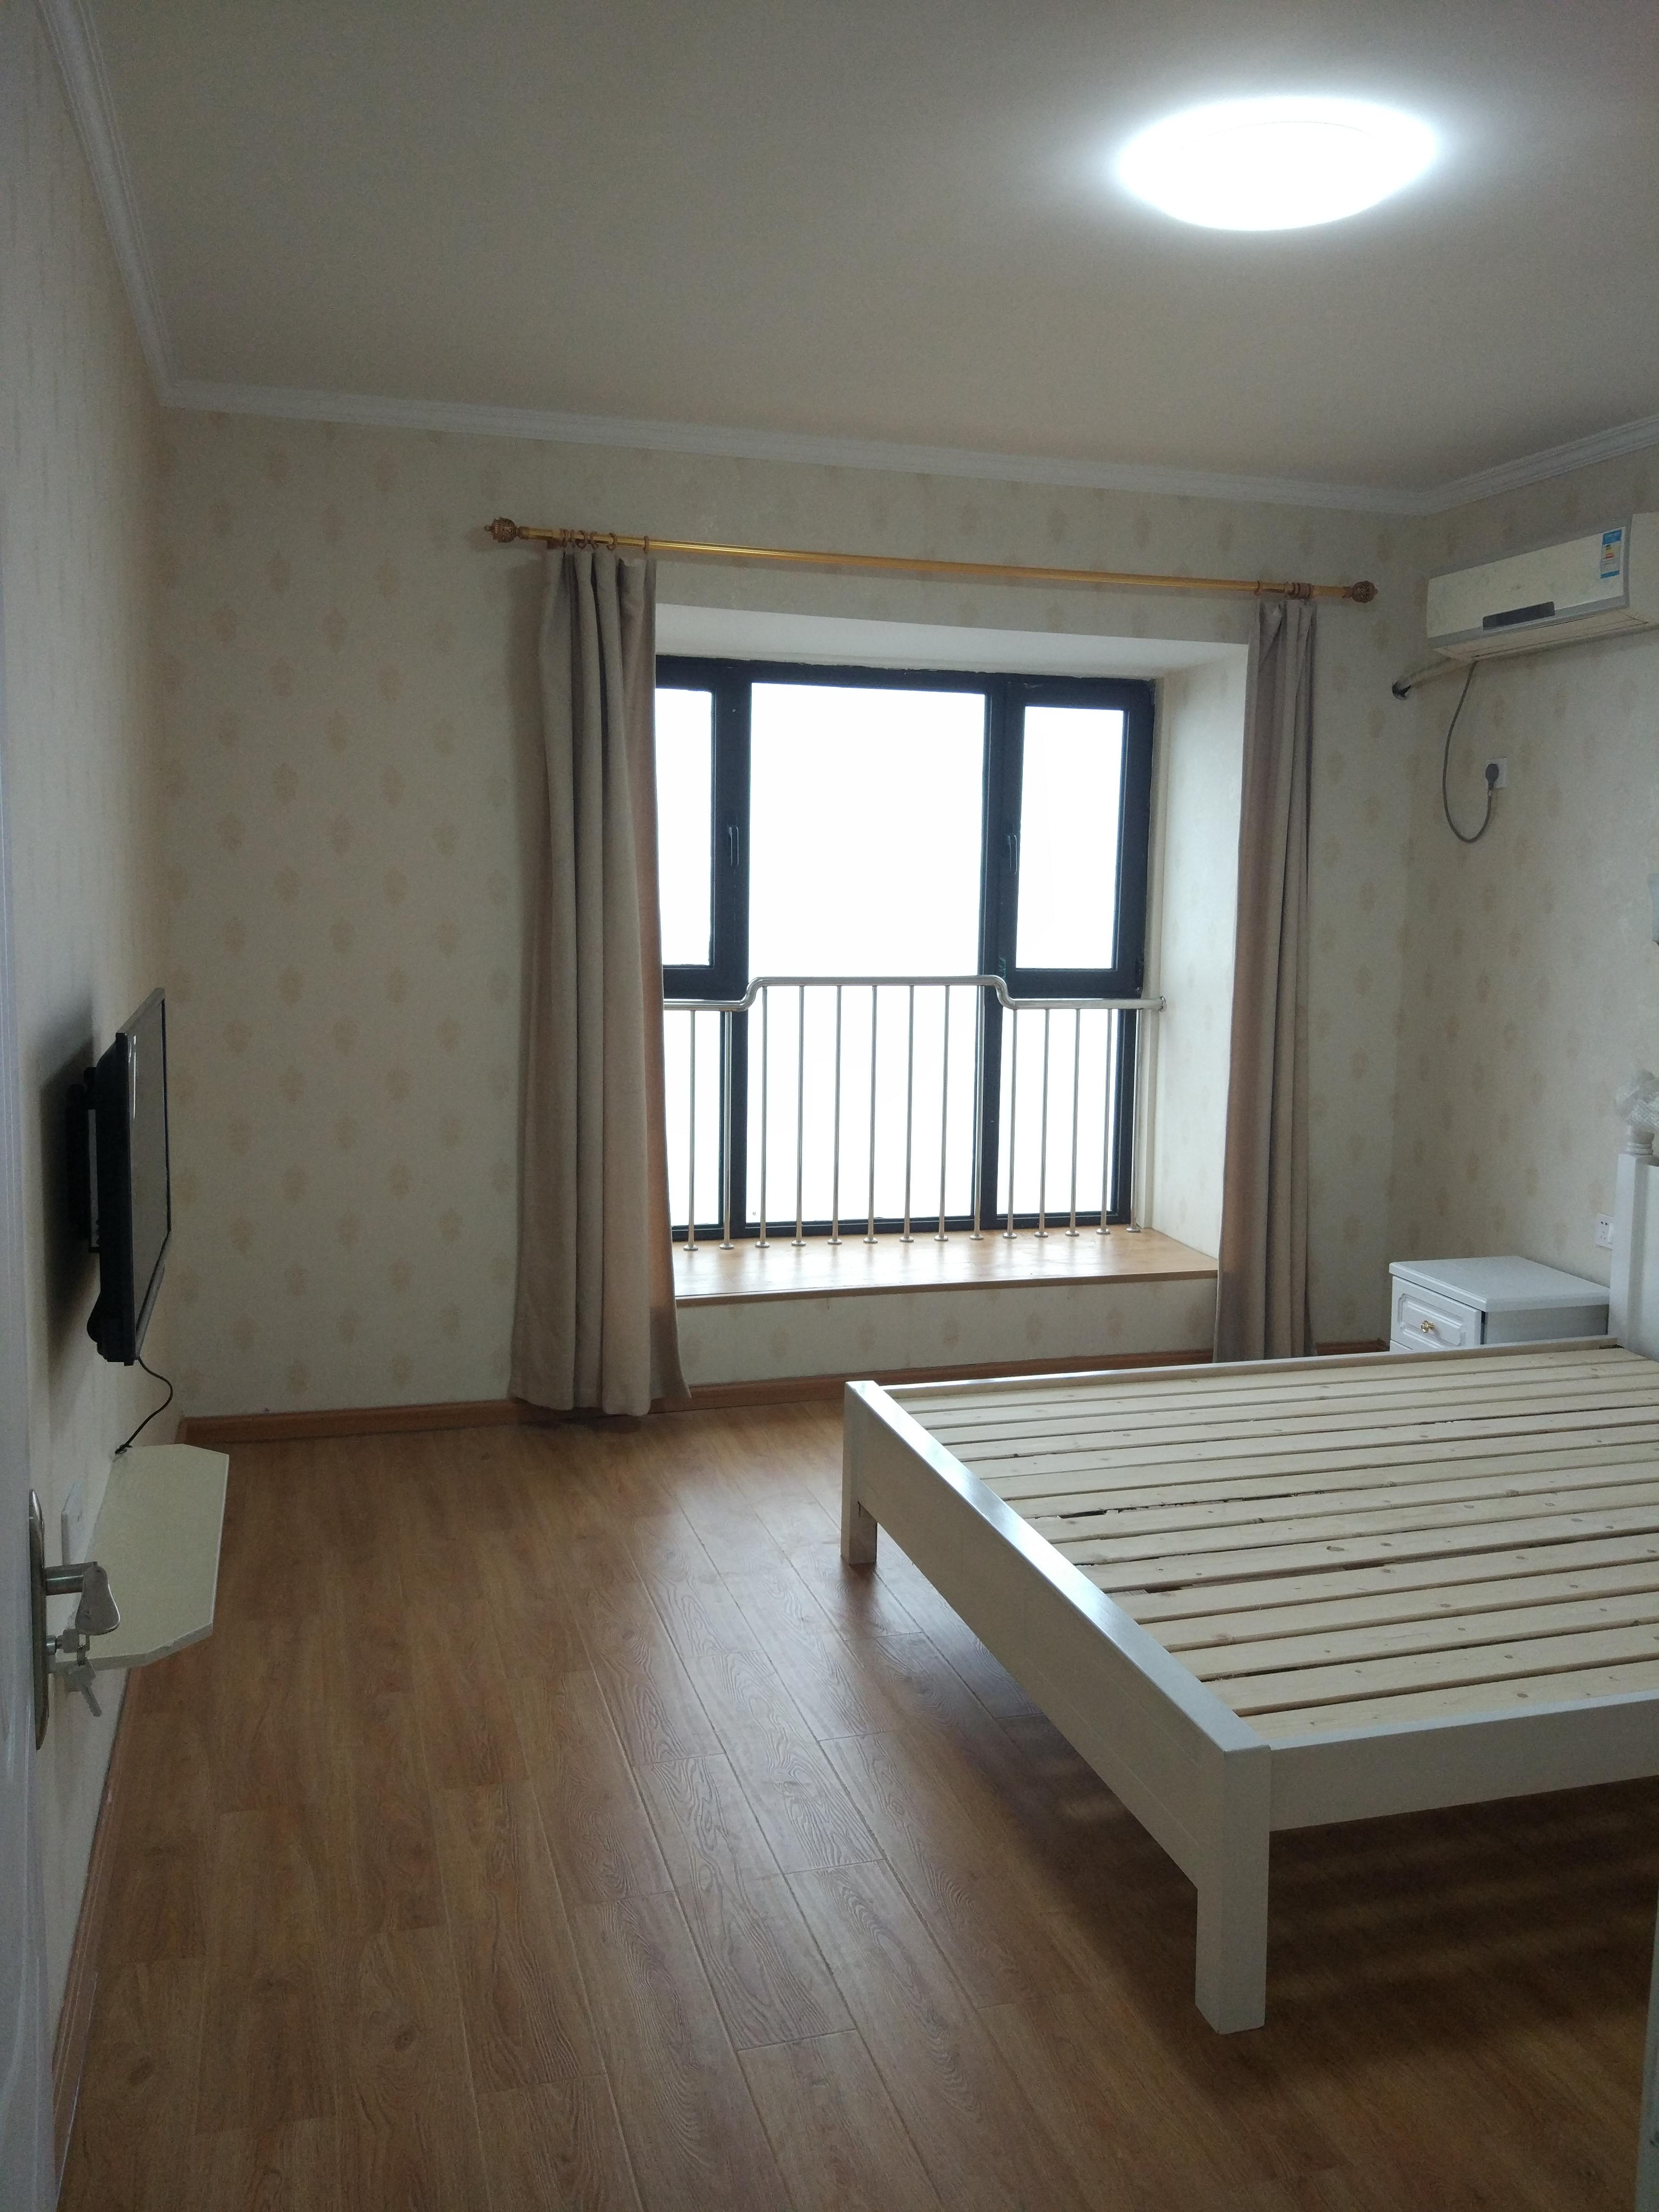 萧山科技城 景海湾小区80平方二房一厅精装修2500 元